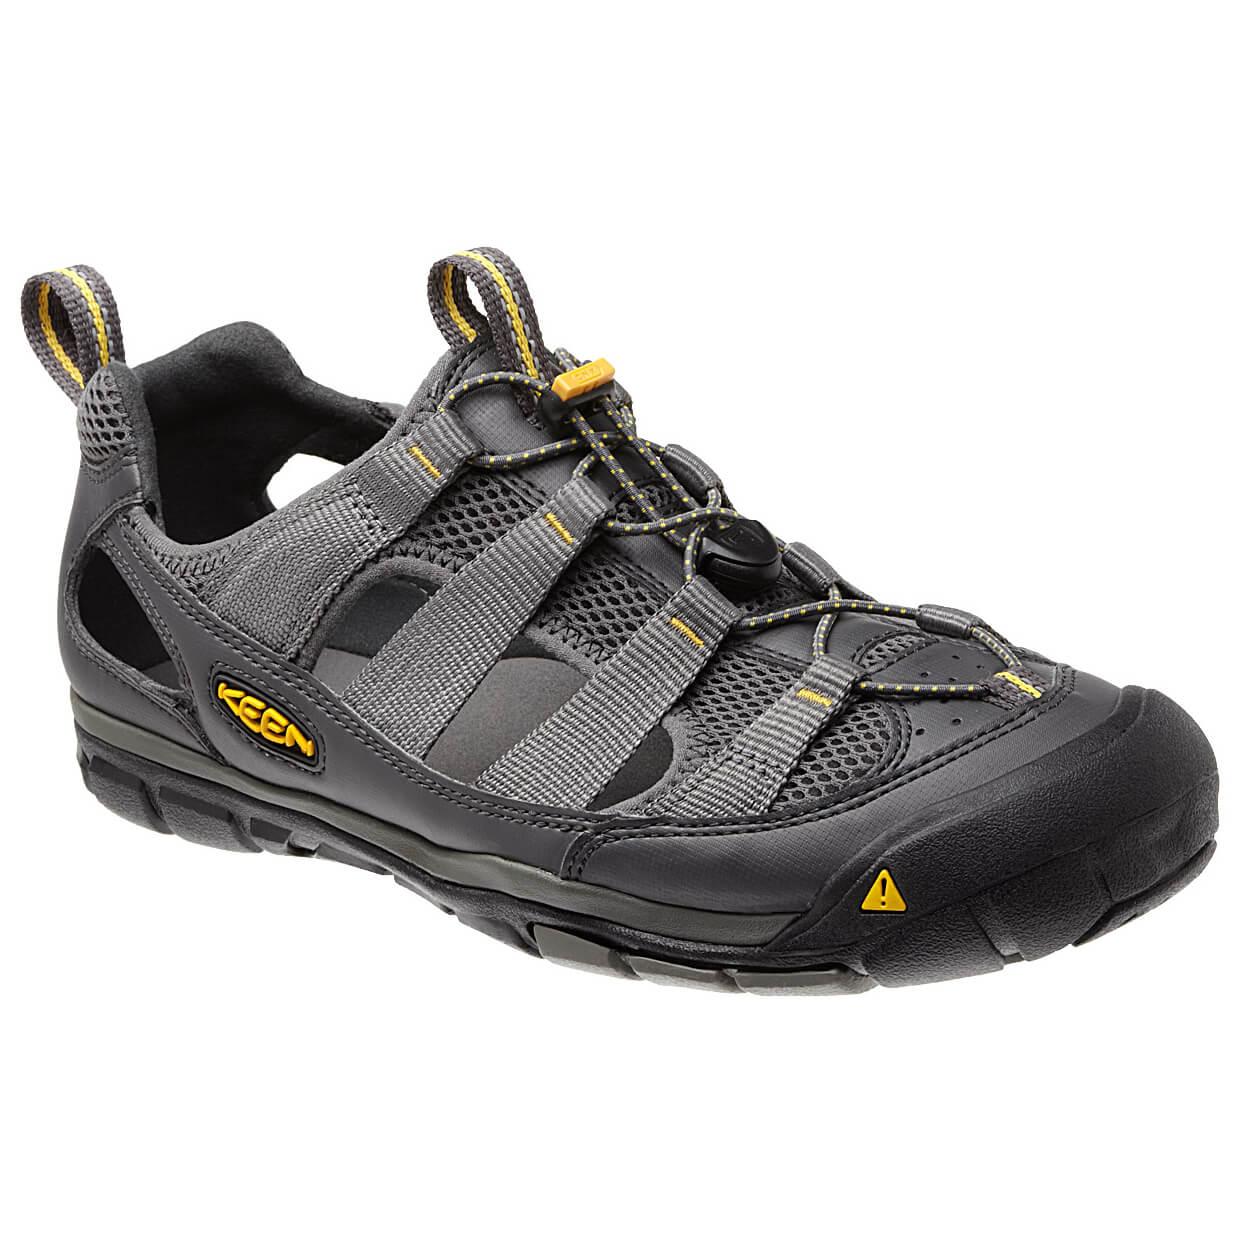 new york 92258 17571 Keen Gallatin CNX - Sandals Men's   Buy online   Bergfreunde.eu